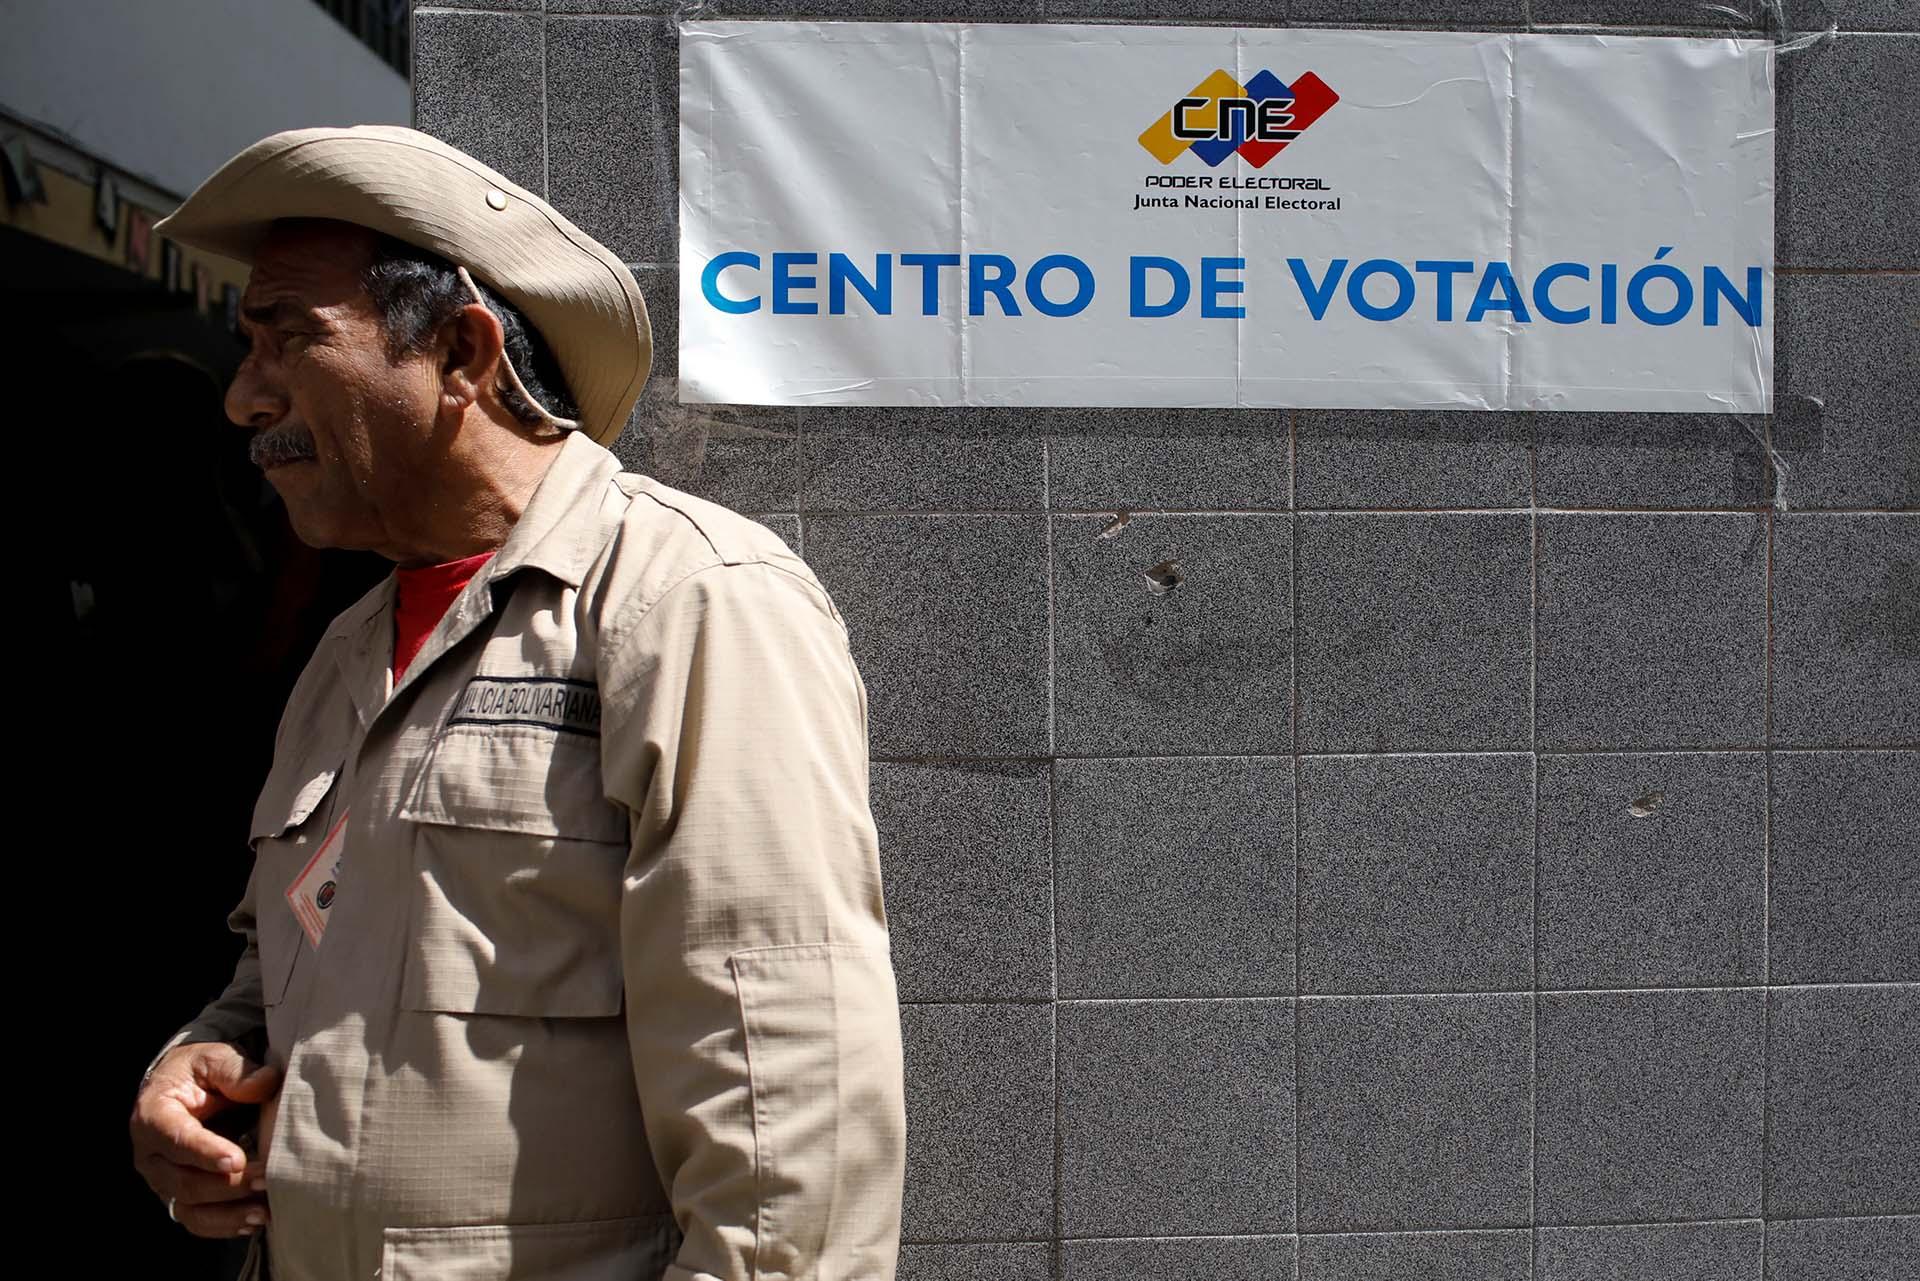 Las elecciones de concejales en Venezuela están marcadas tradicionalmente por la baja intención de voto, pero al proceso celebrado hoy se le añade el desánimo y la desconfianza del sector opositor en el árbitro electoral que ha sido señalado de fraudulento en múltiples oportunidades